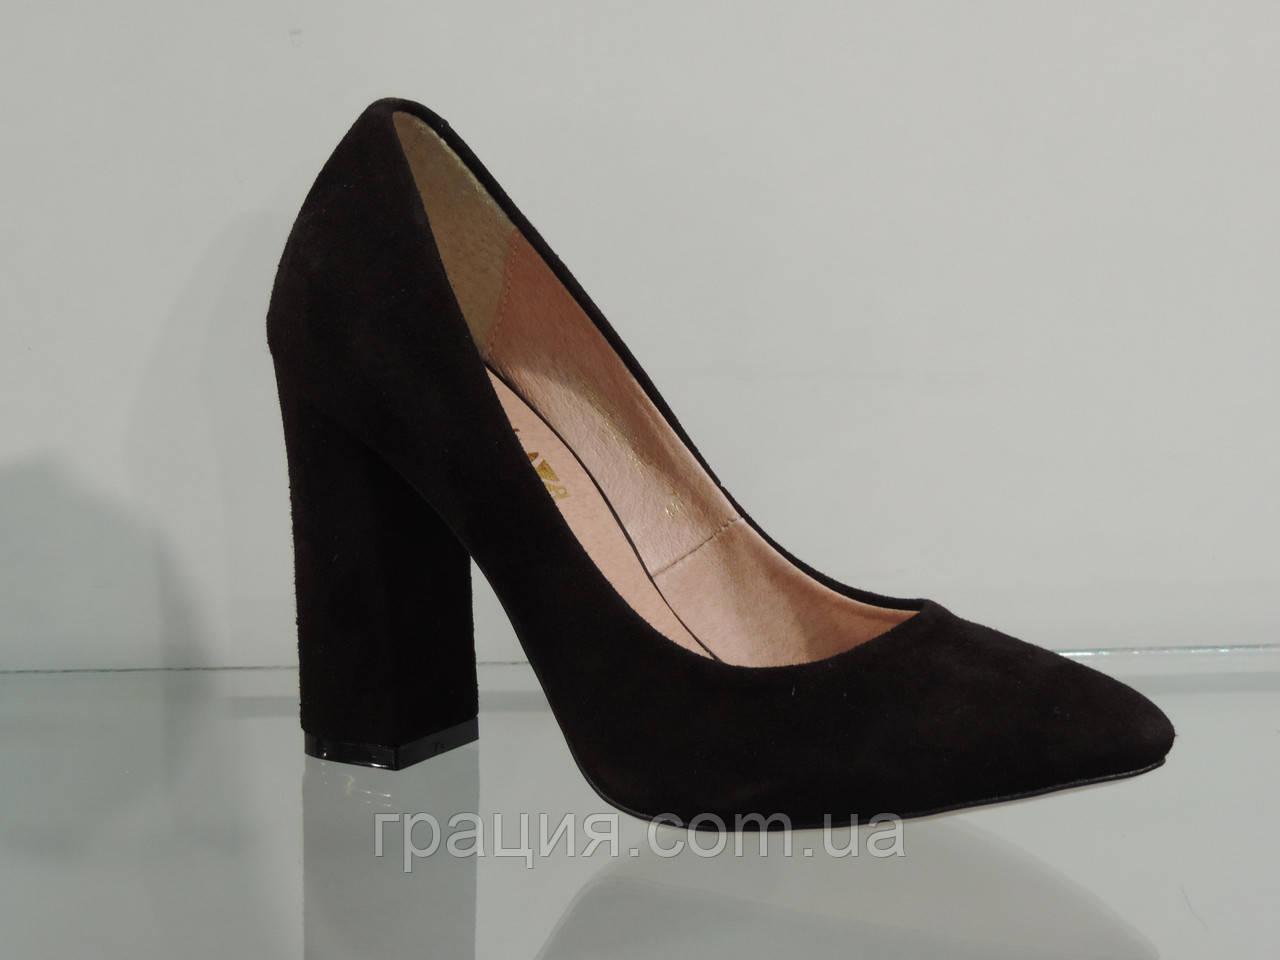 Туфлі жіночі замшеві натуральні на високому каблуці